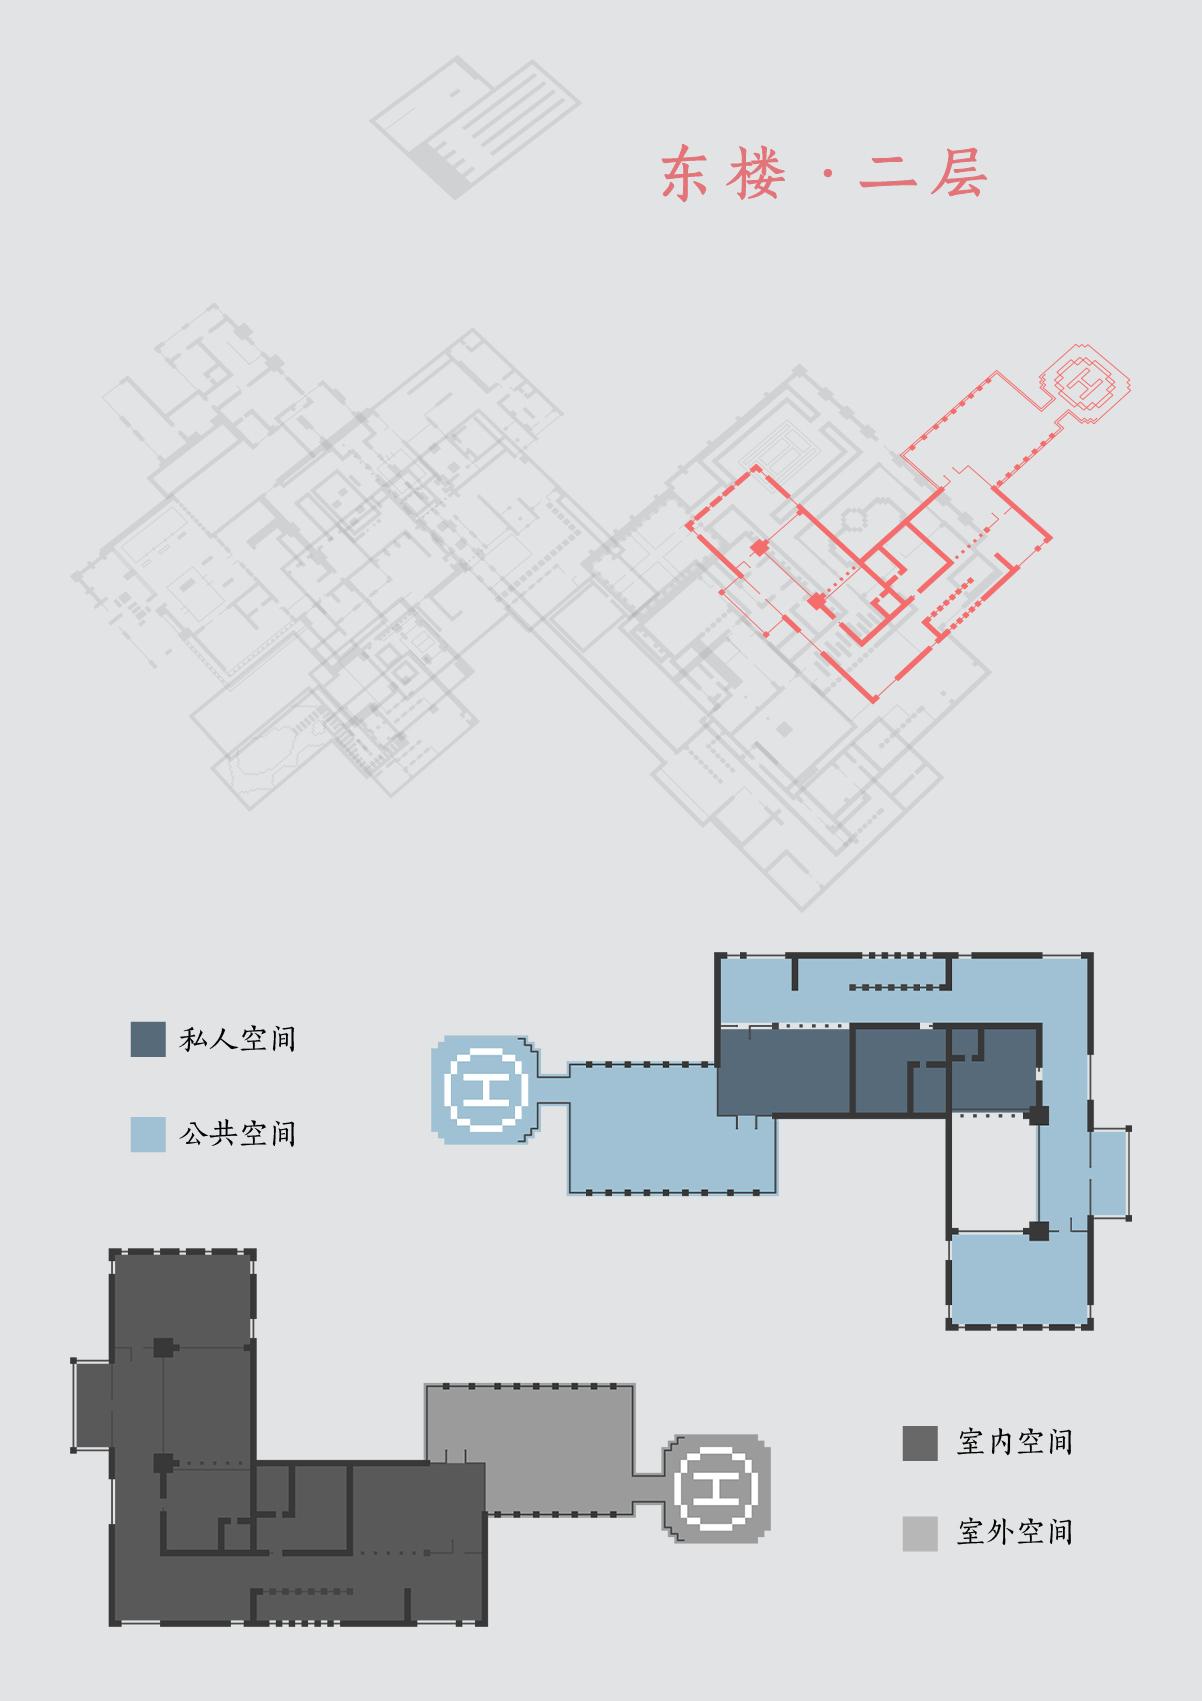 【我的别墅现代建筑群】海岛v别墅世界--源梦岛别墅300层设计图平方2图片